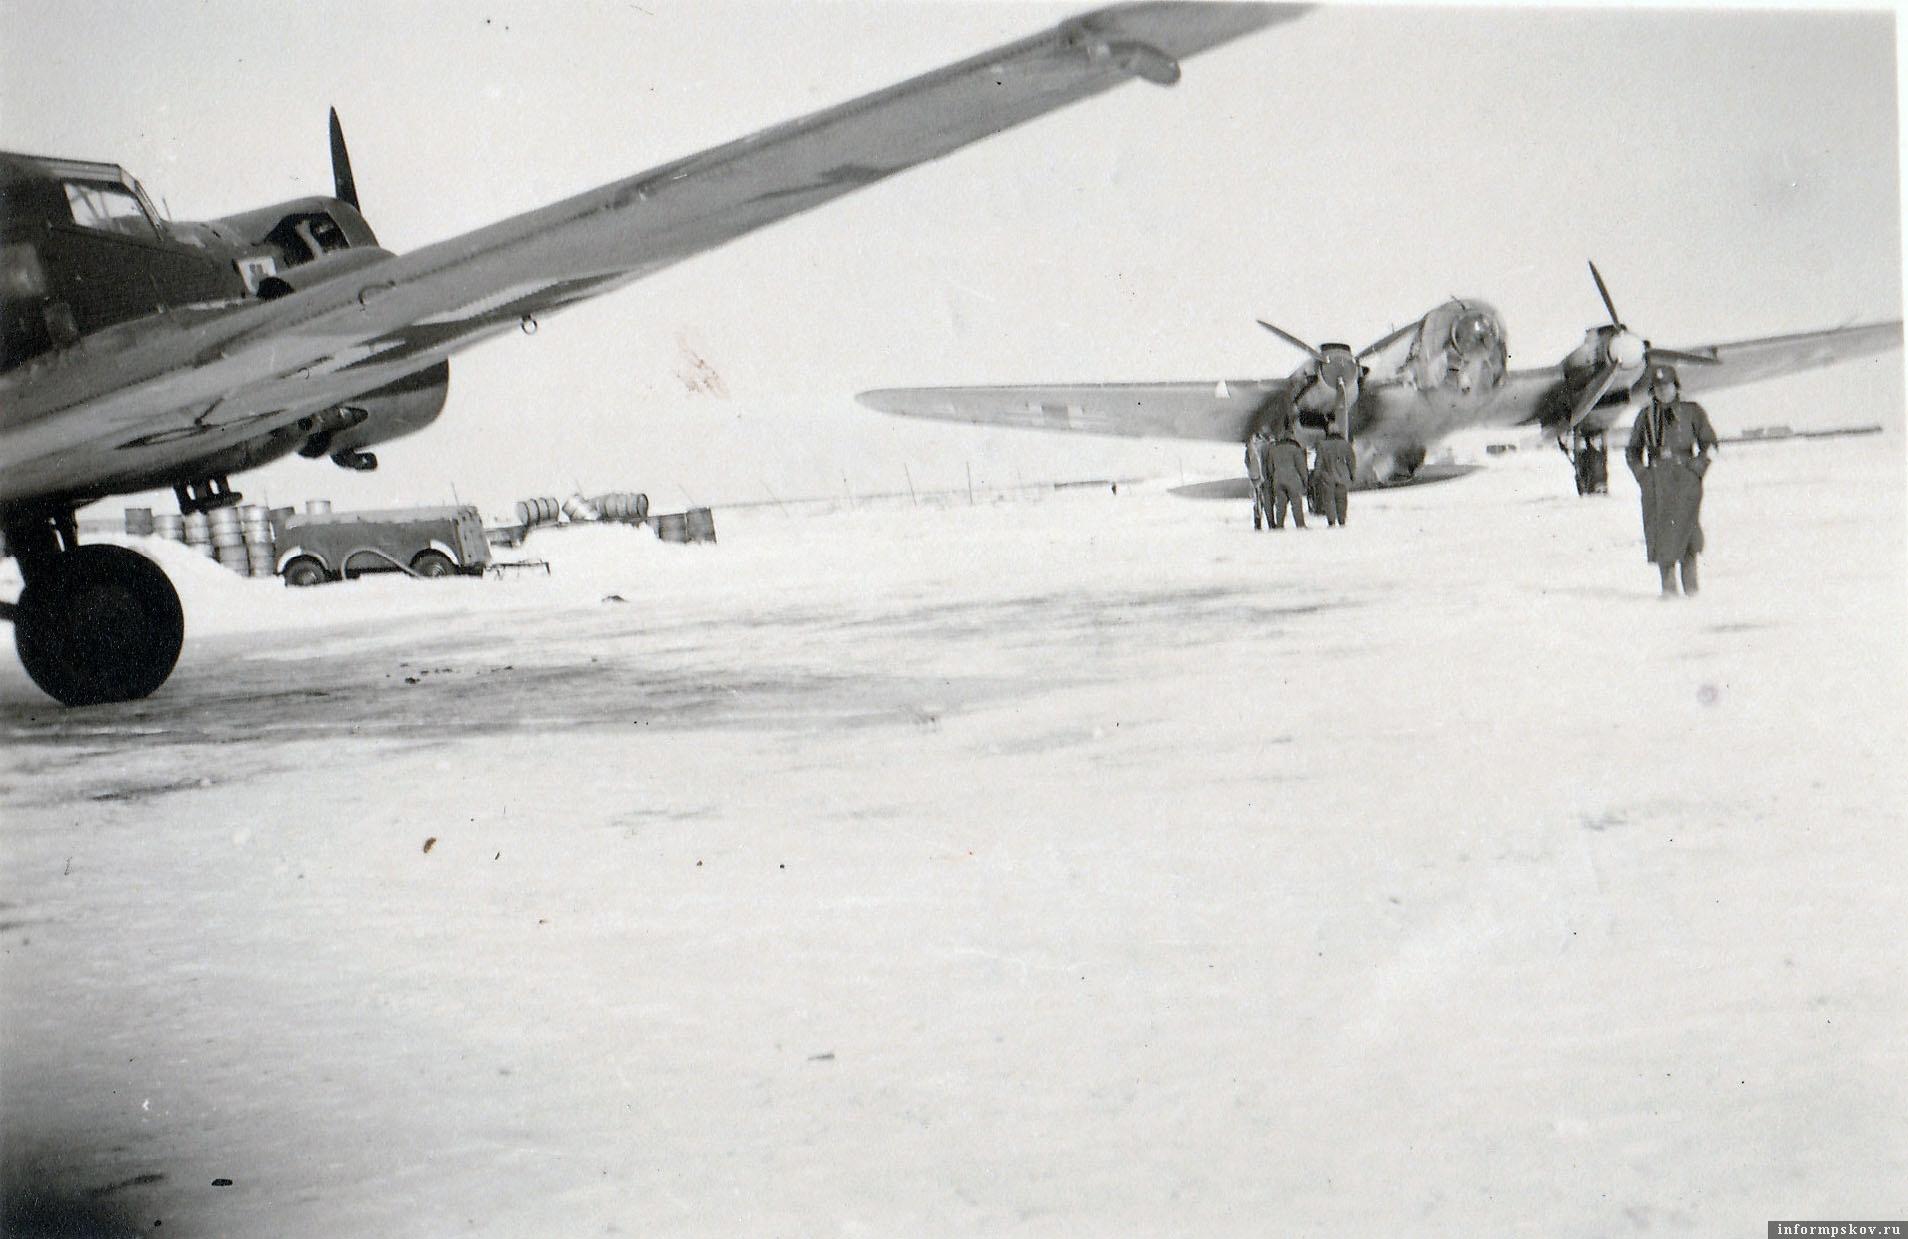 На фото: Junkers Ju.52 одной из транспортных групп  и Хейнкель He.111 из KG.4 на аэродроме Остров. Зима 1942 года.